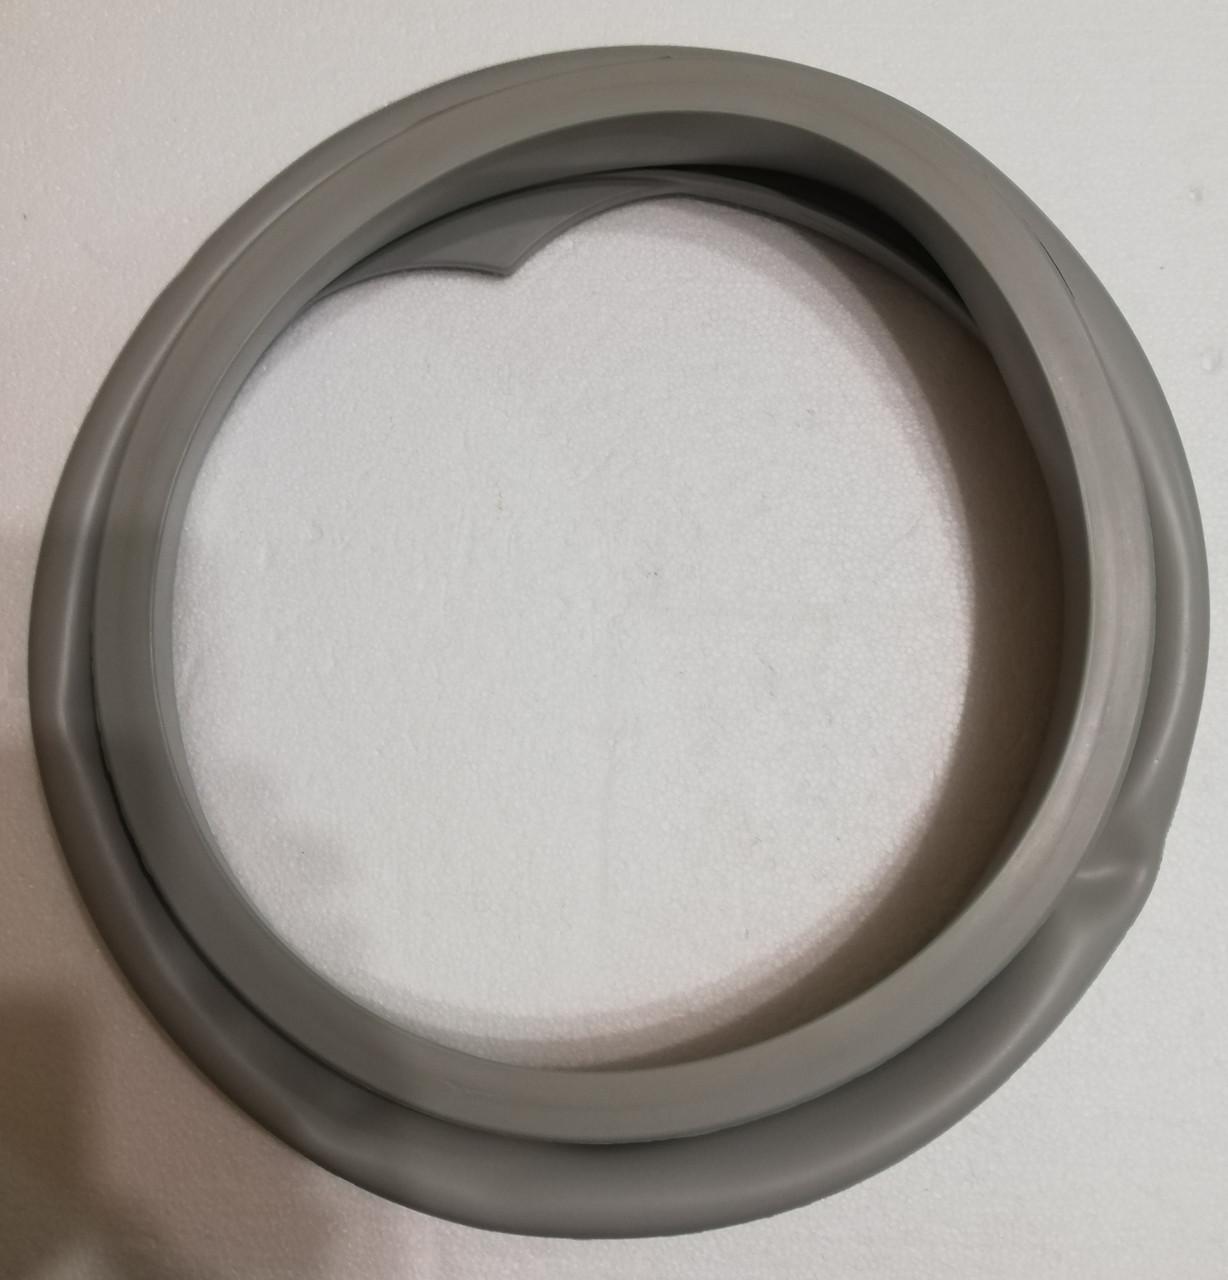 Резина (манжет) люка для стиральной машины Ariston, Indesit C00081747